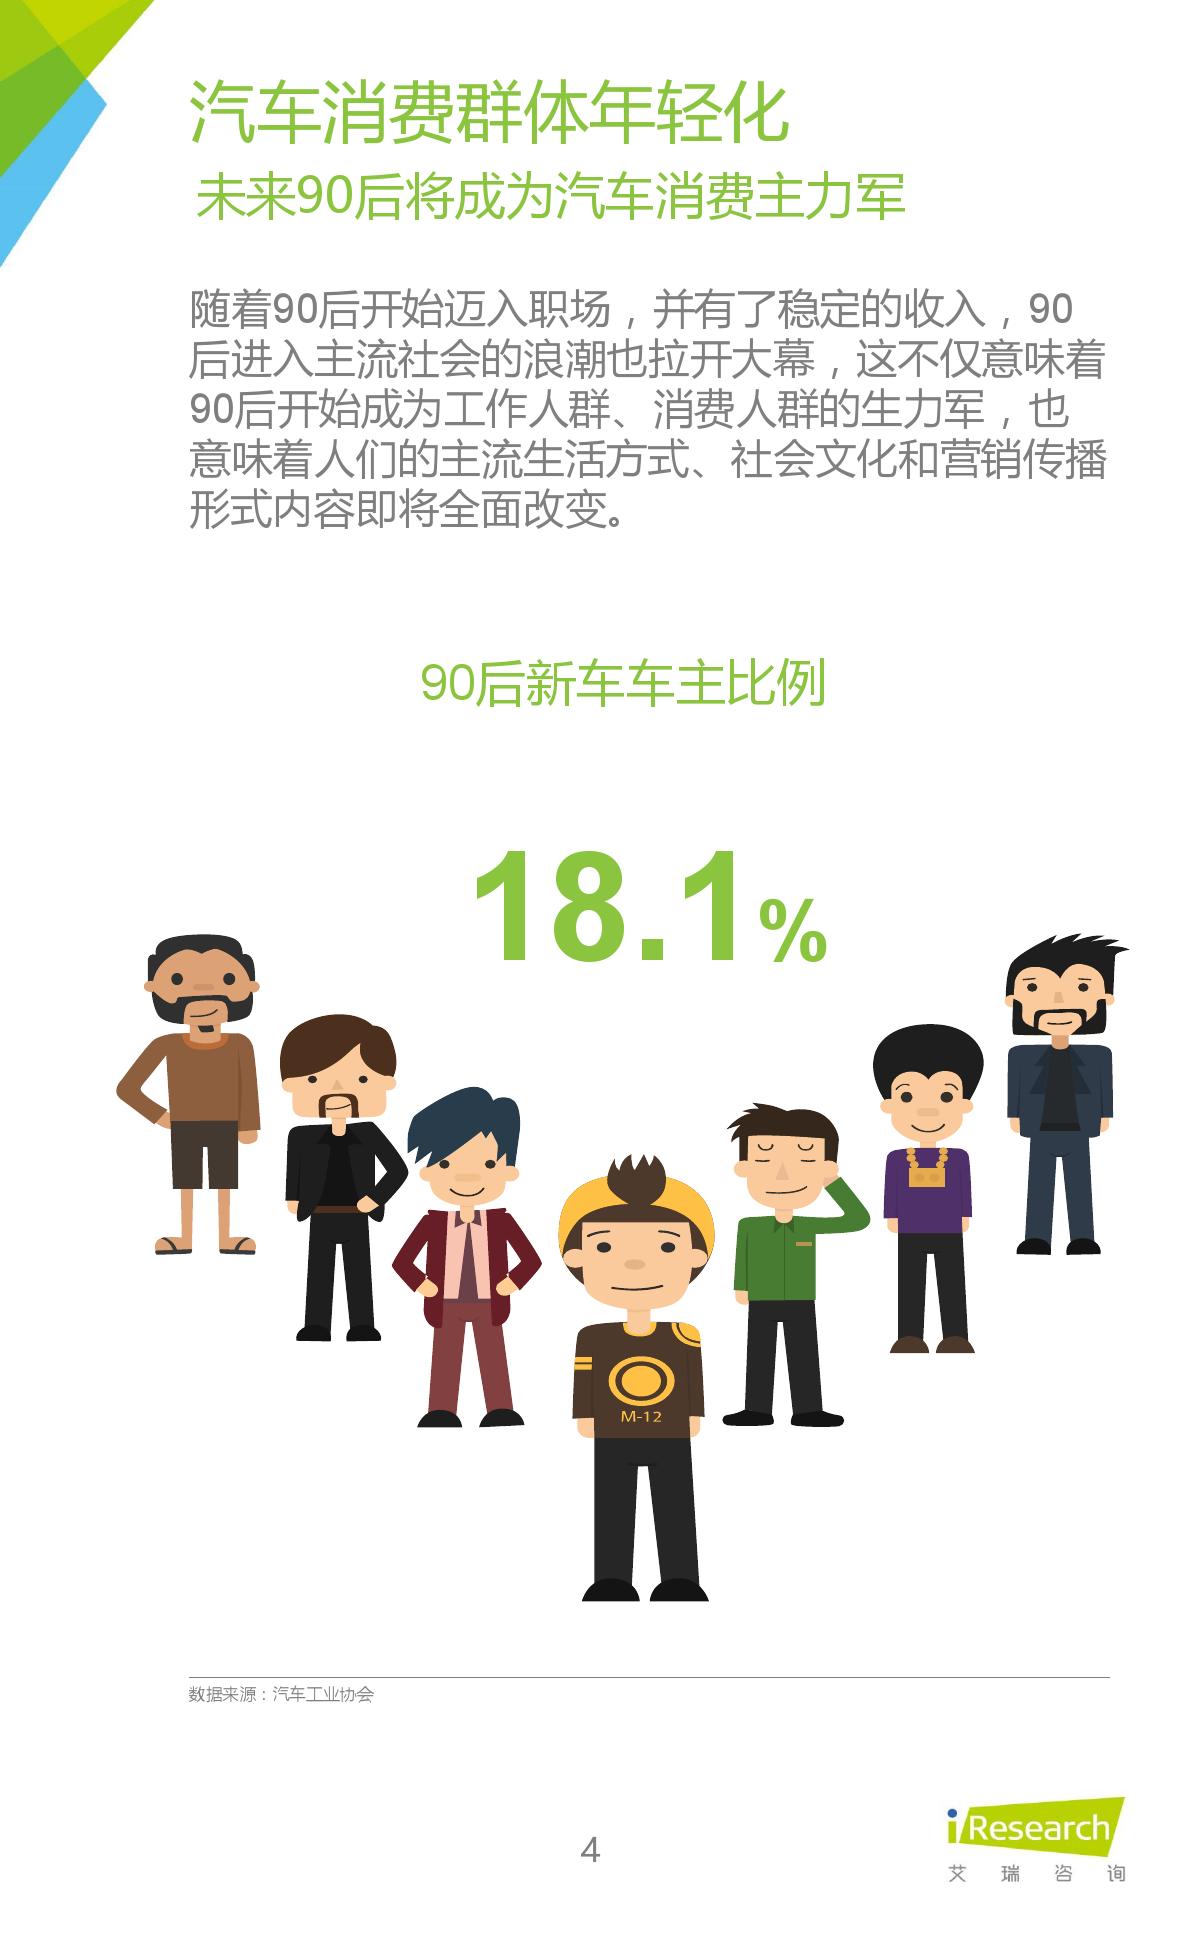 2016年中国90后汽车消费群体研究报告_000004